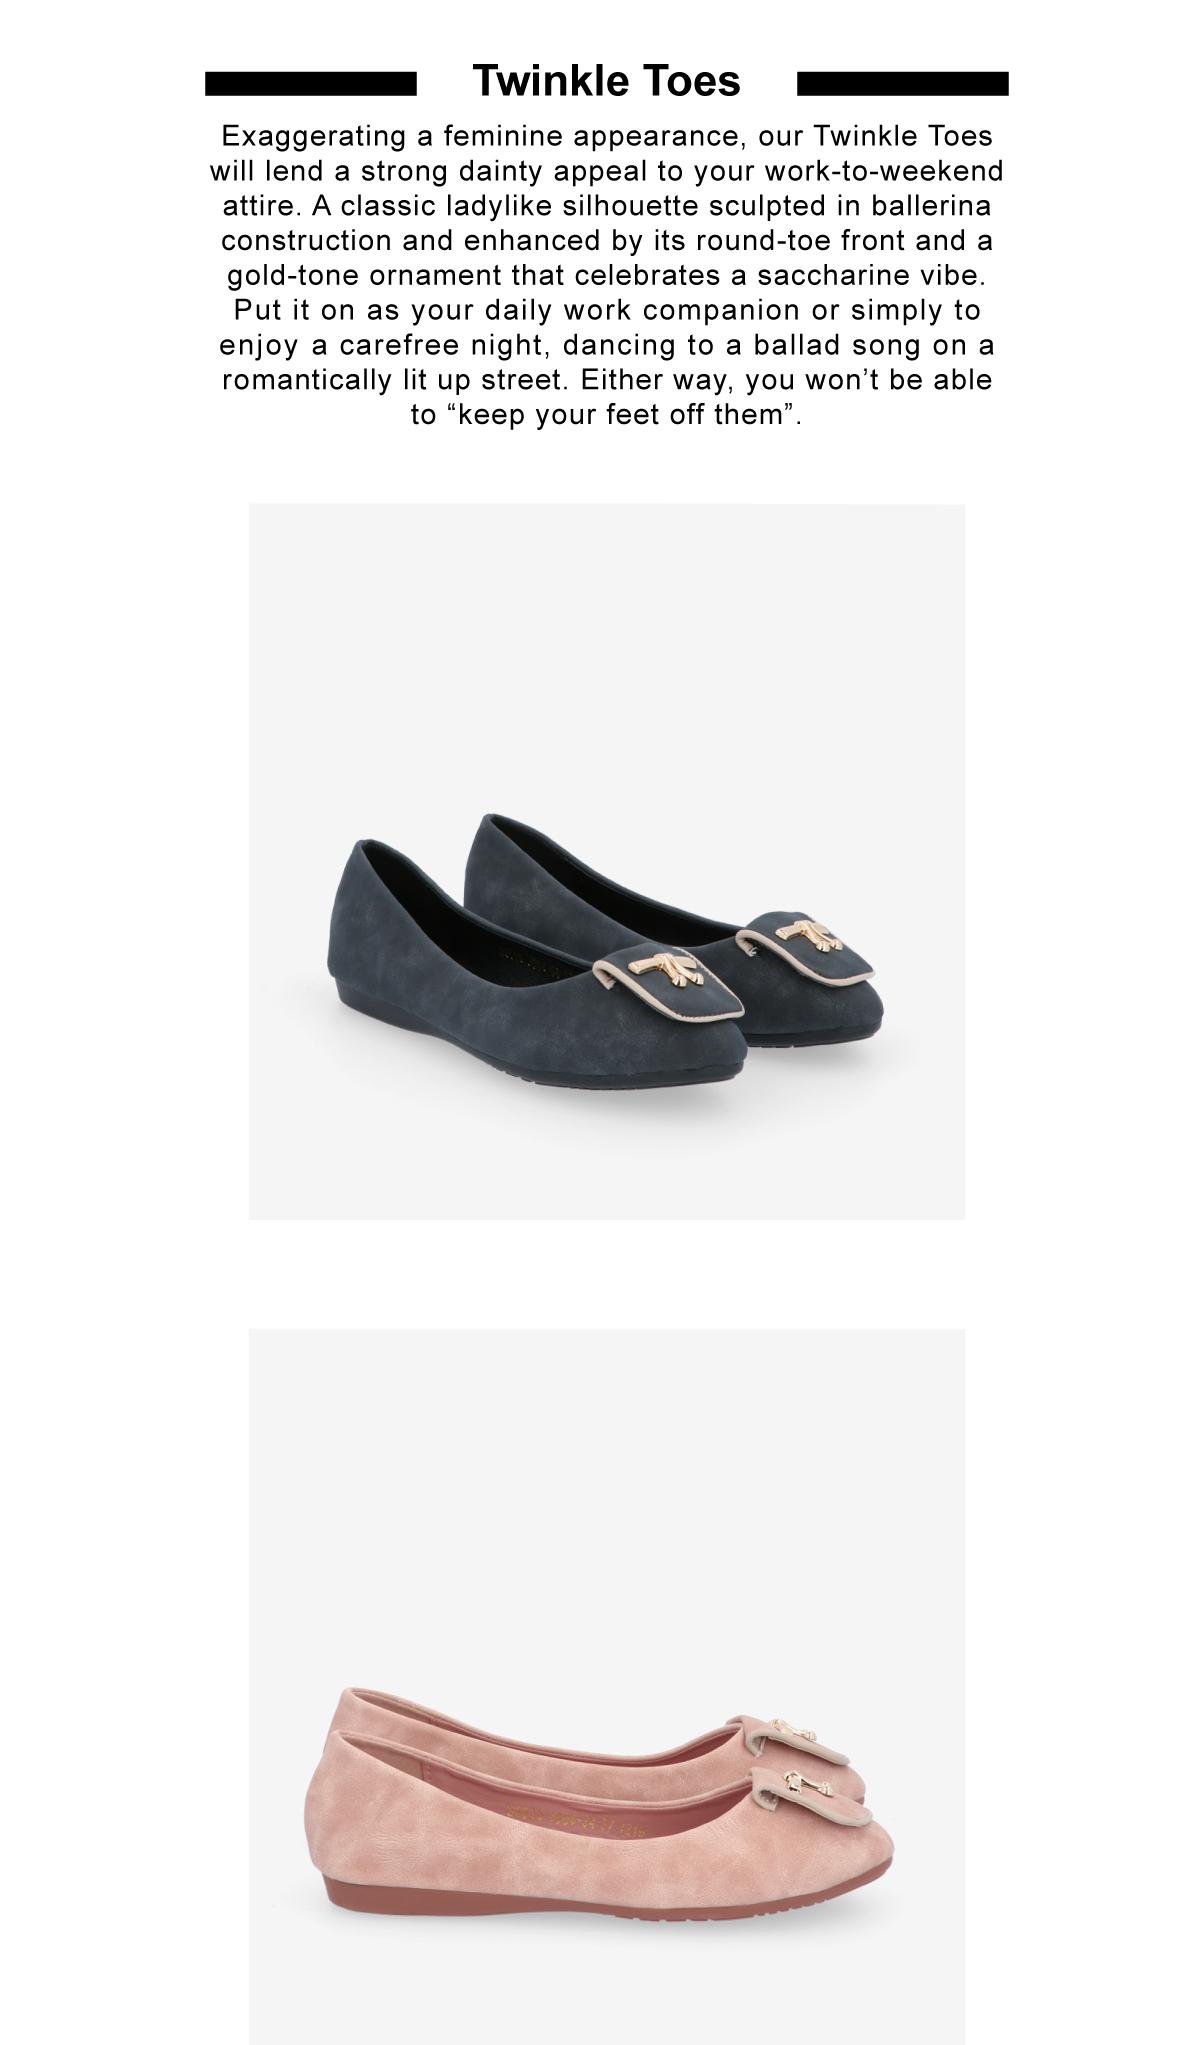 33320 J008 2 - Twinkle Toes Suede Ballerina